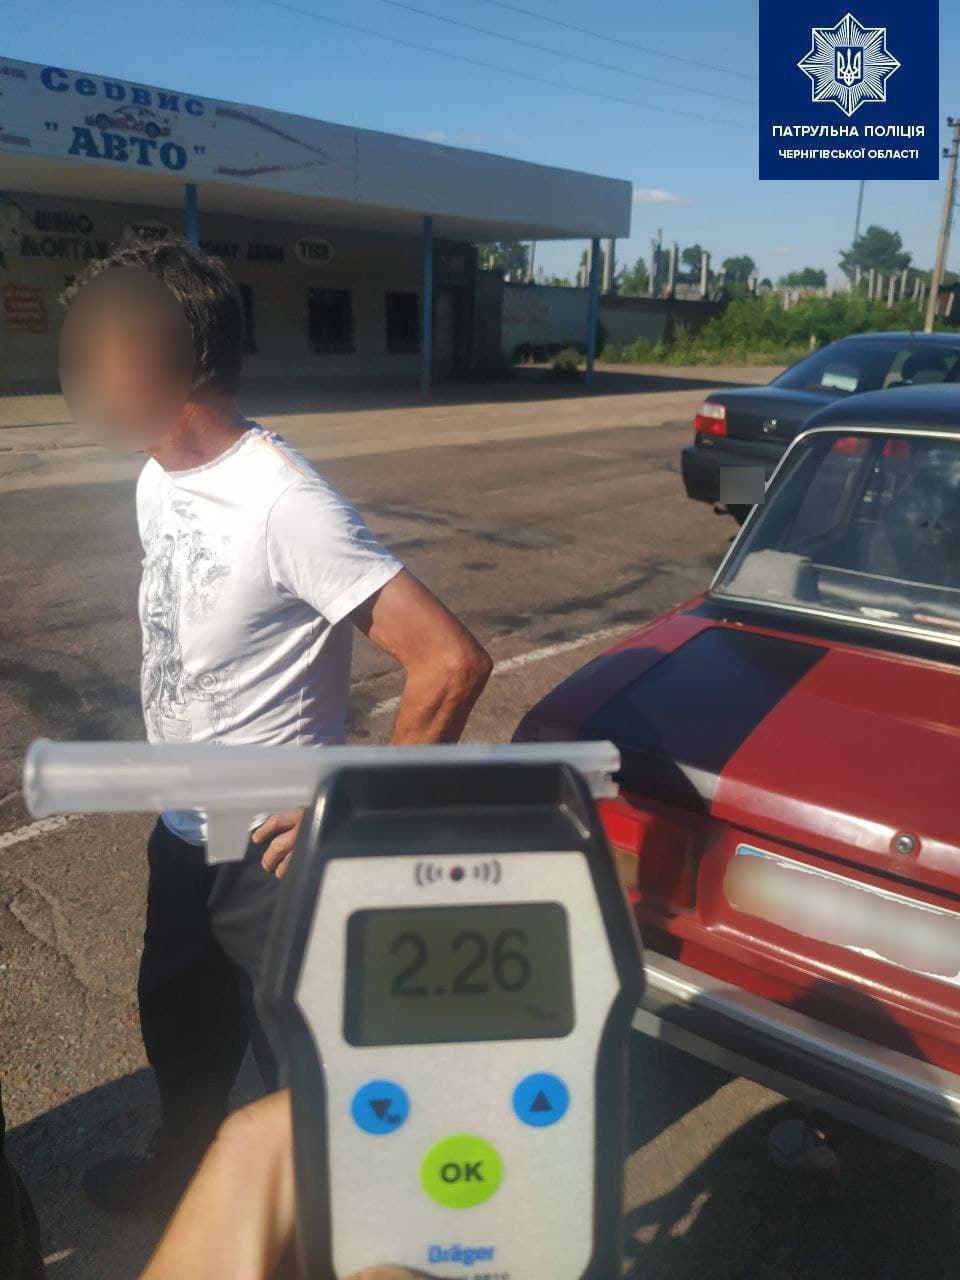 У Чернігові п'яний водій намагався за 17 тисяч гривень «відкупитися» від протоколу. ФОТО